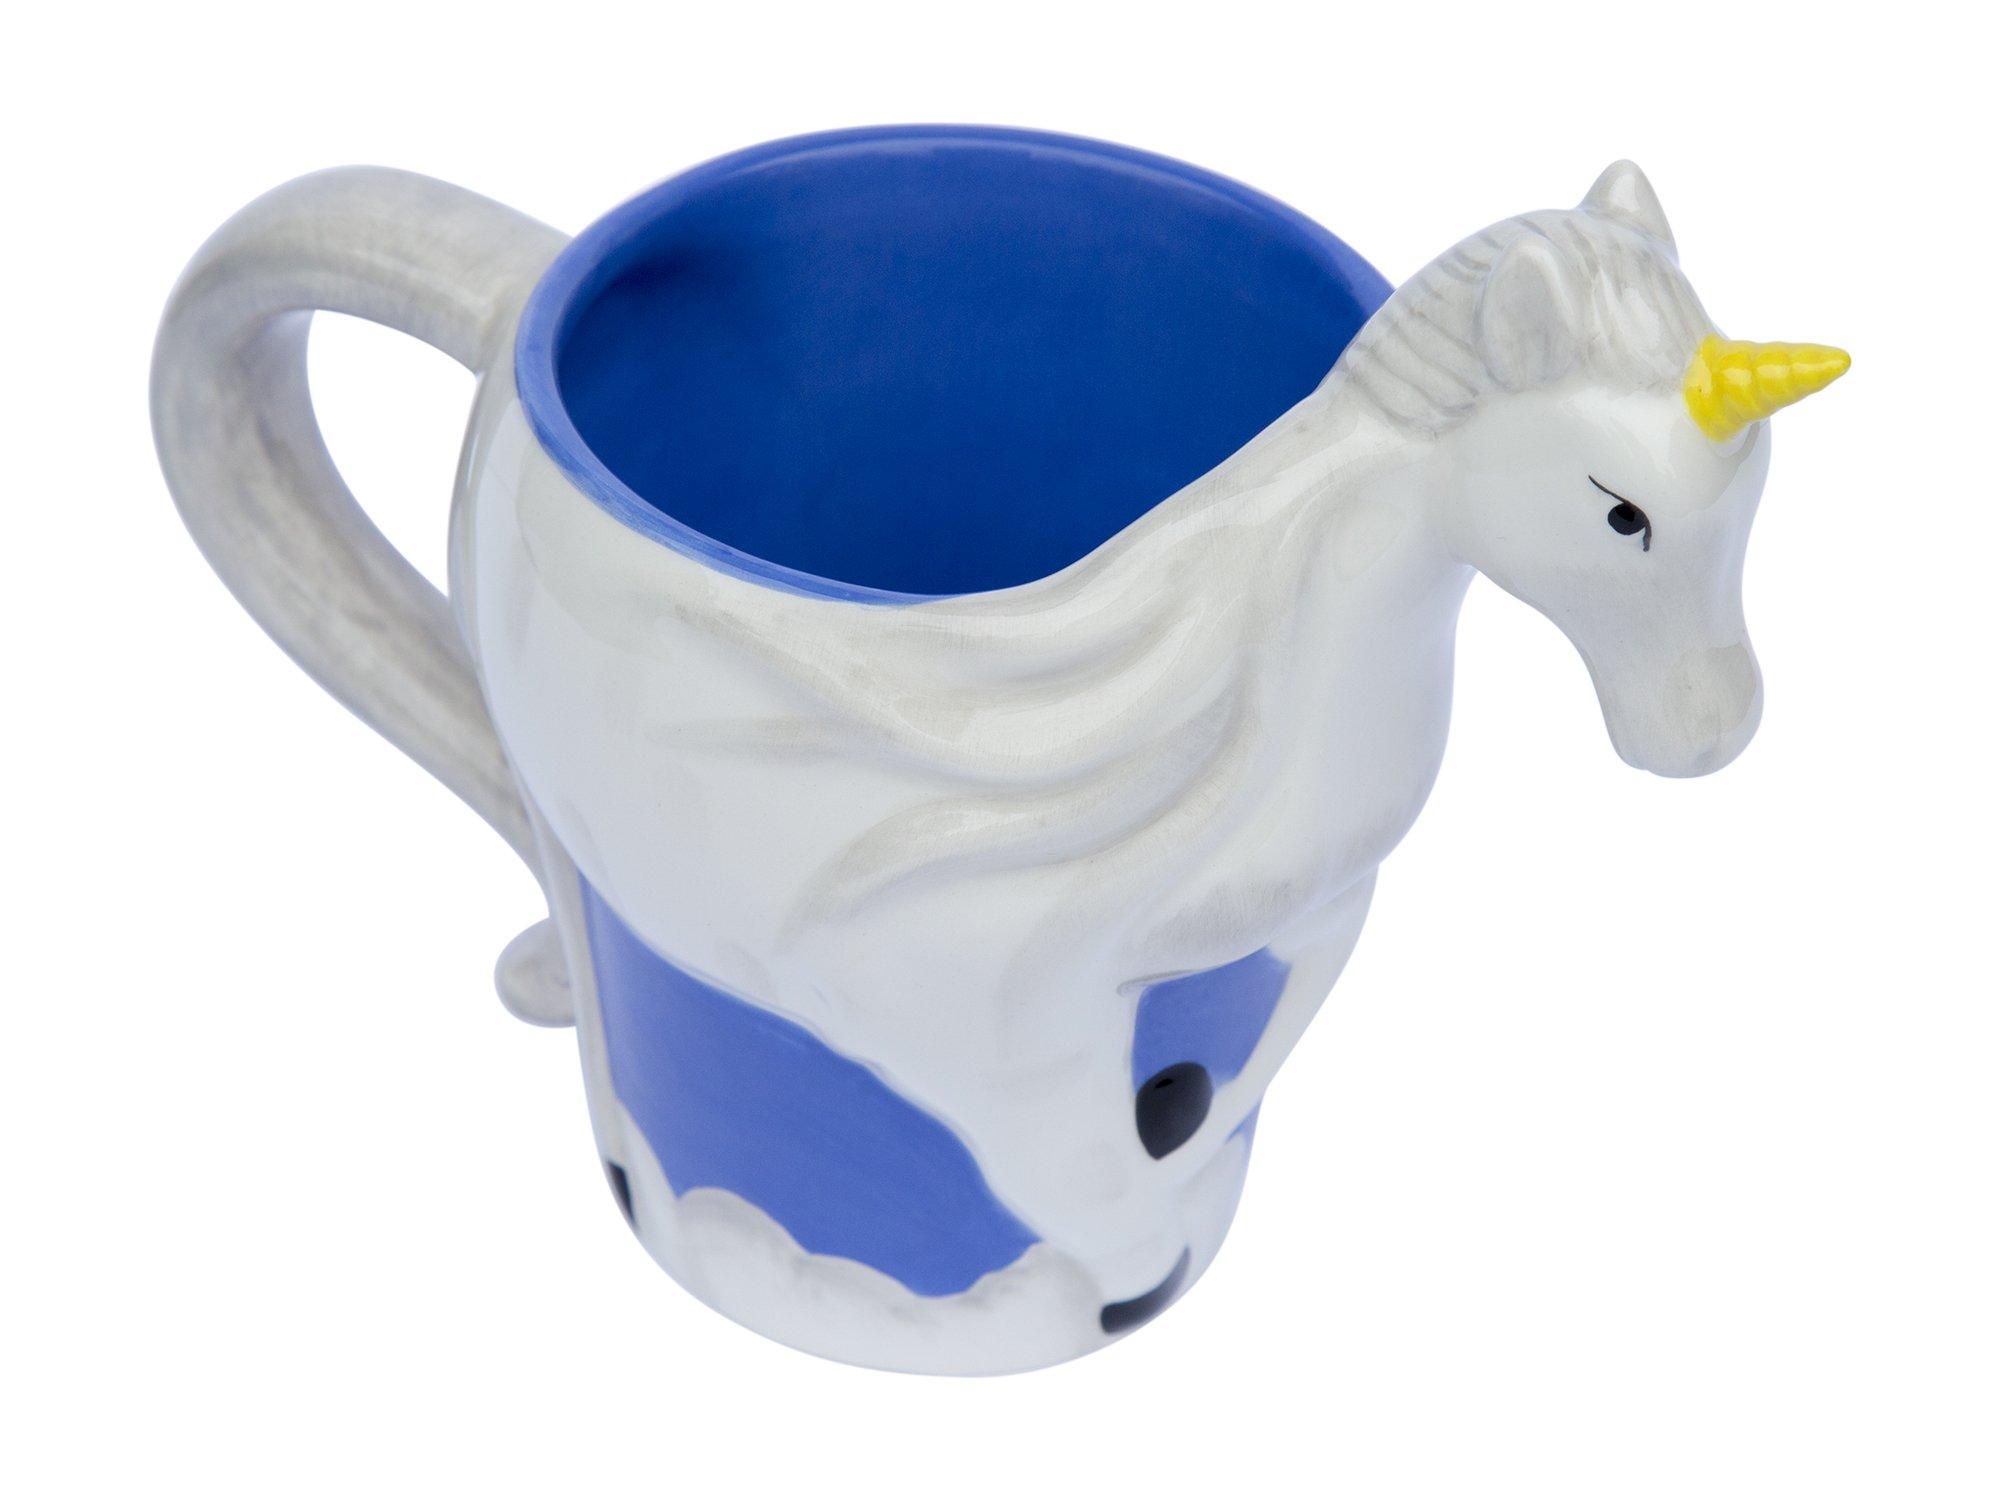 Ceramic Unicorn Coffee Mug w/ Rainbow by Comfify - Sweet & Fantastical 3D Unicorn Design w/ Magical Rainbow - Unique… 8